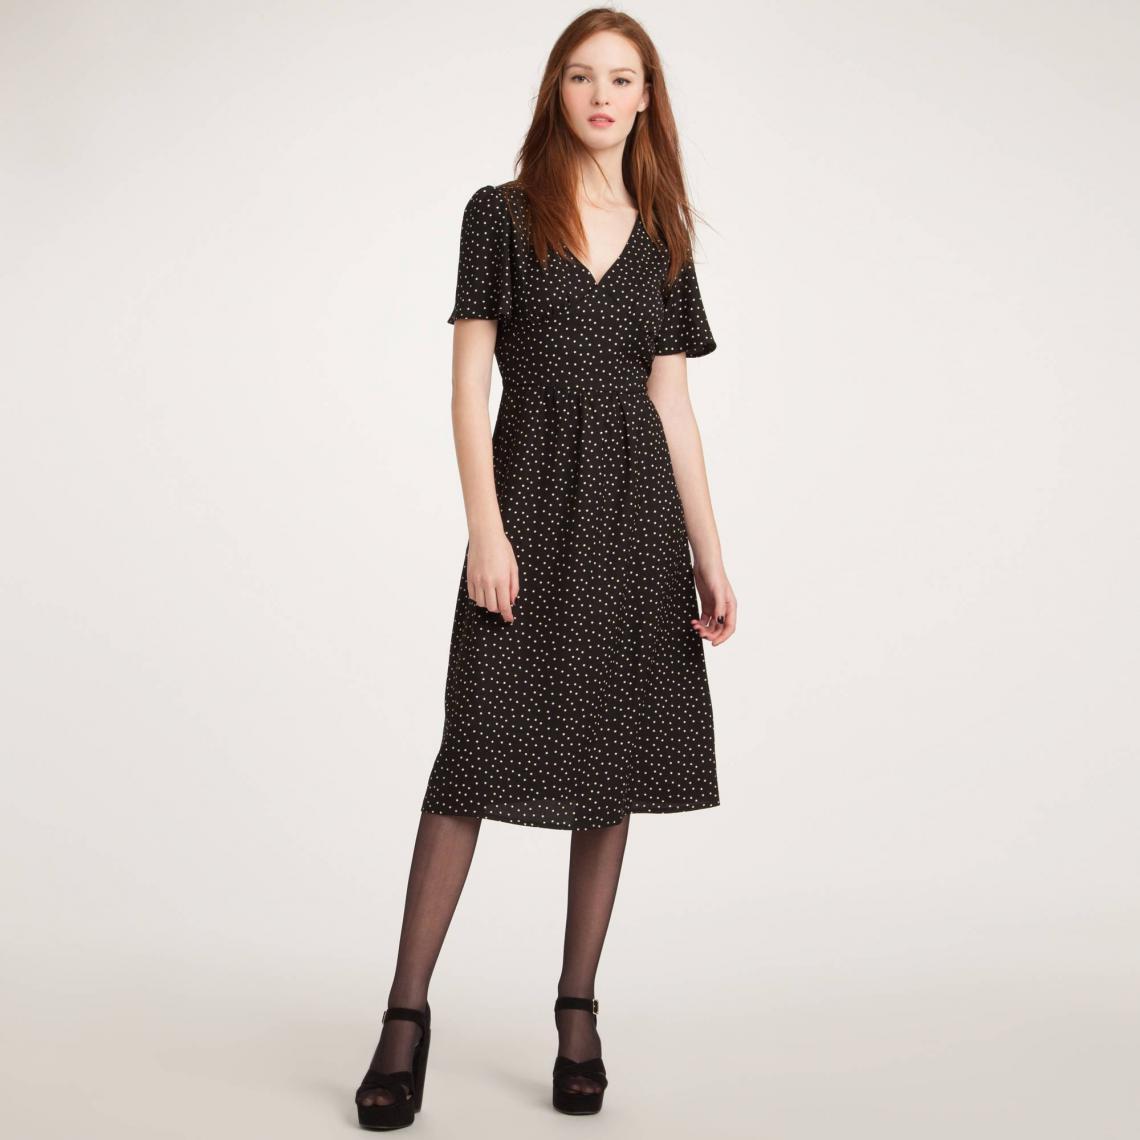 Robe Fluide Encolure V Manches Courtes Femme 3 Suisses Collection Noir 3 Suisses